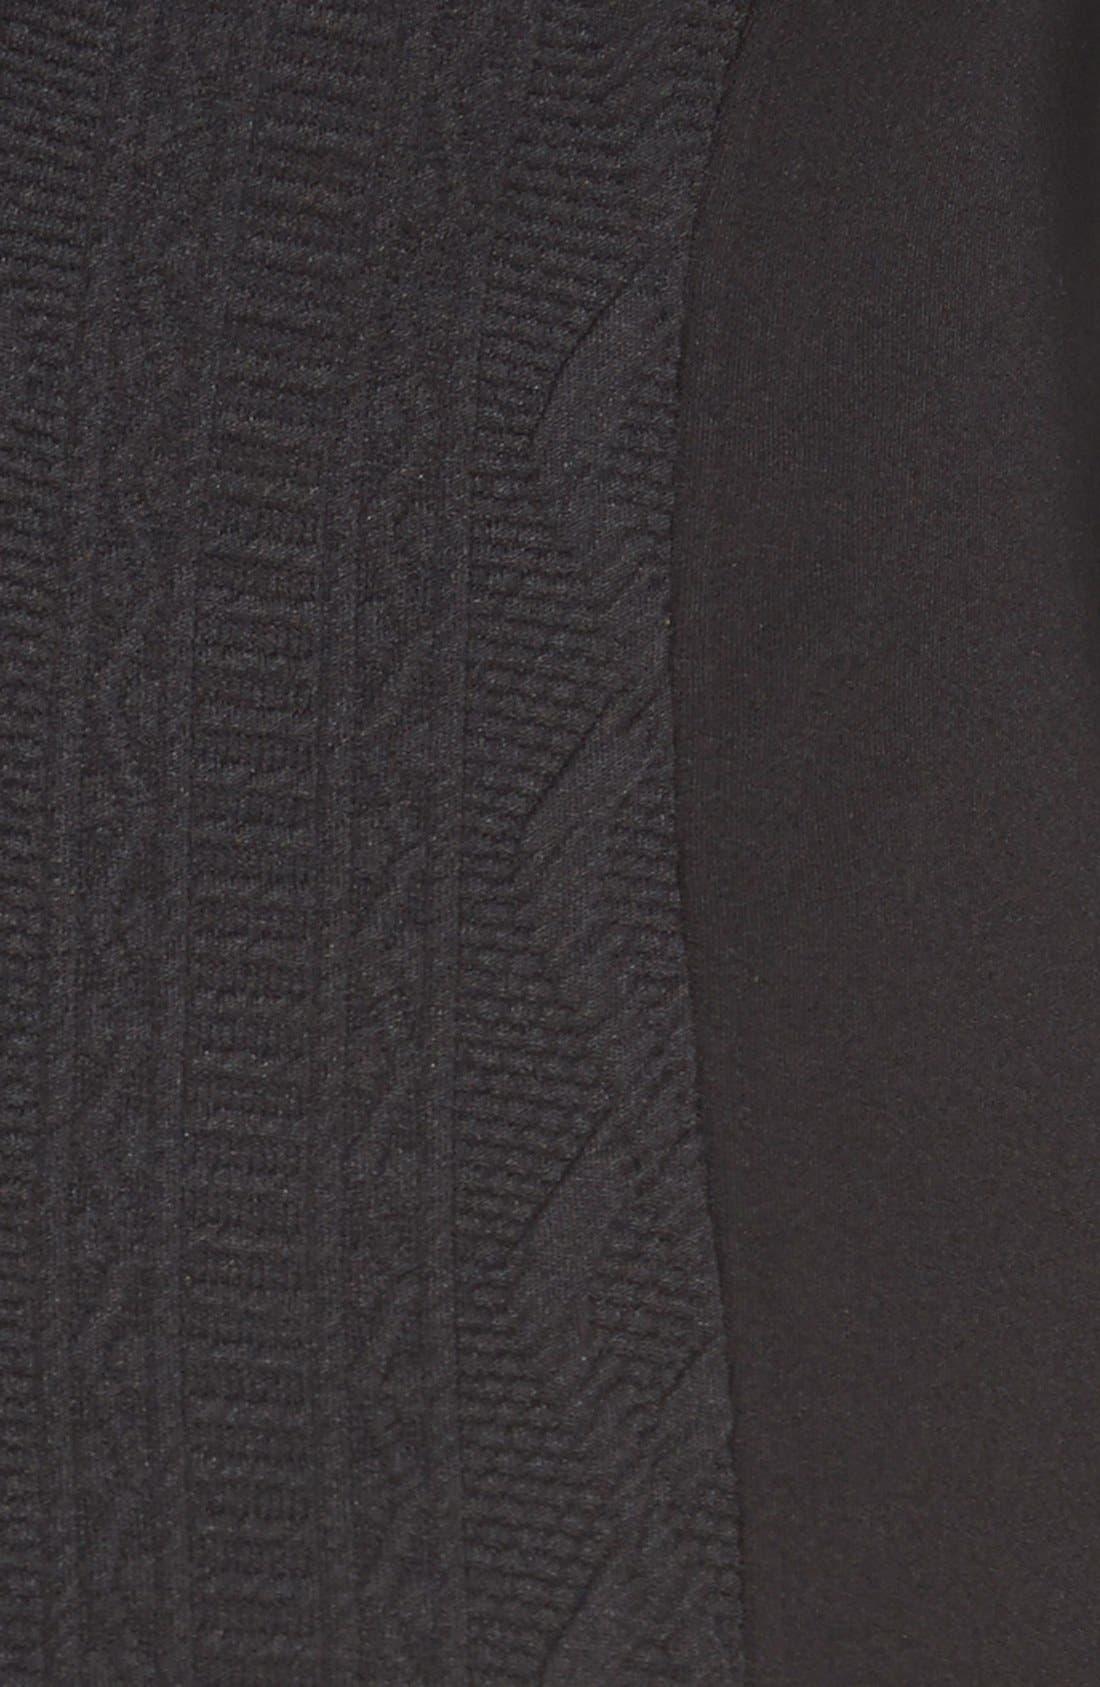 'Telsa' Maternity Dress,                             Alternate thumbnail 5, color,                             Black